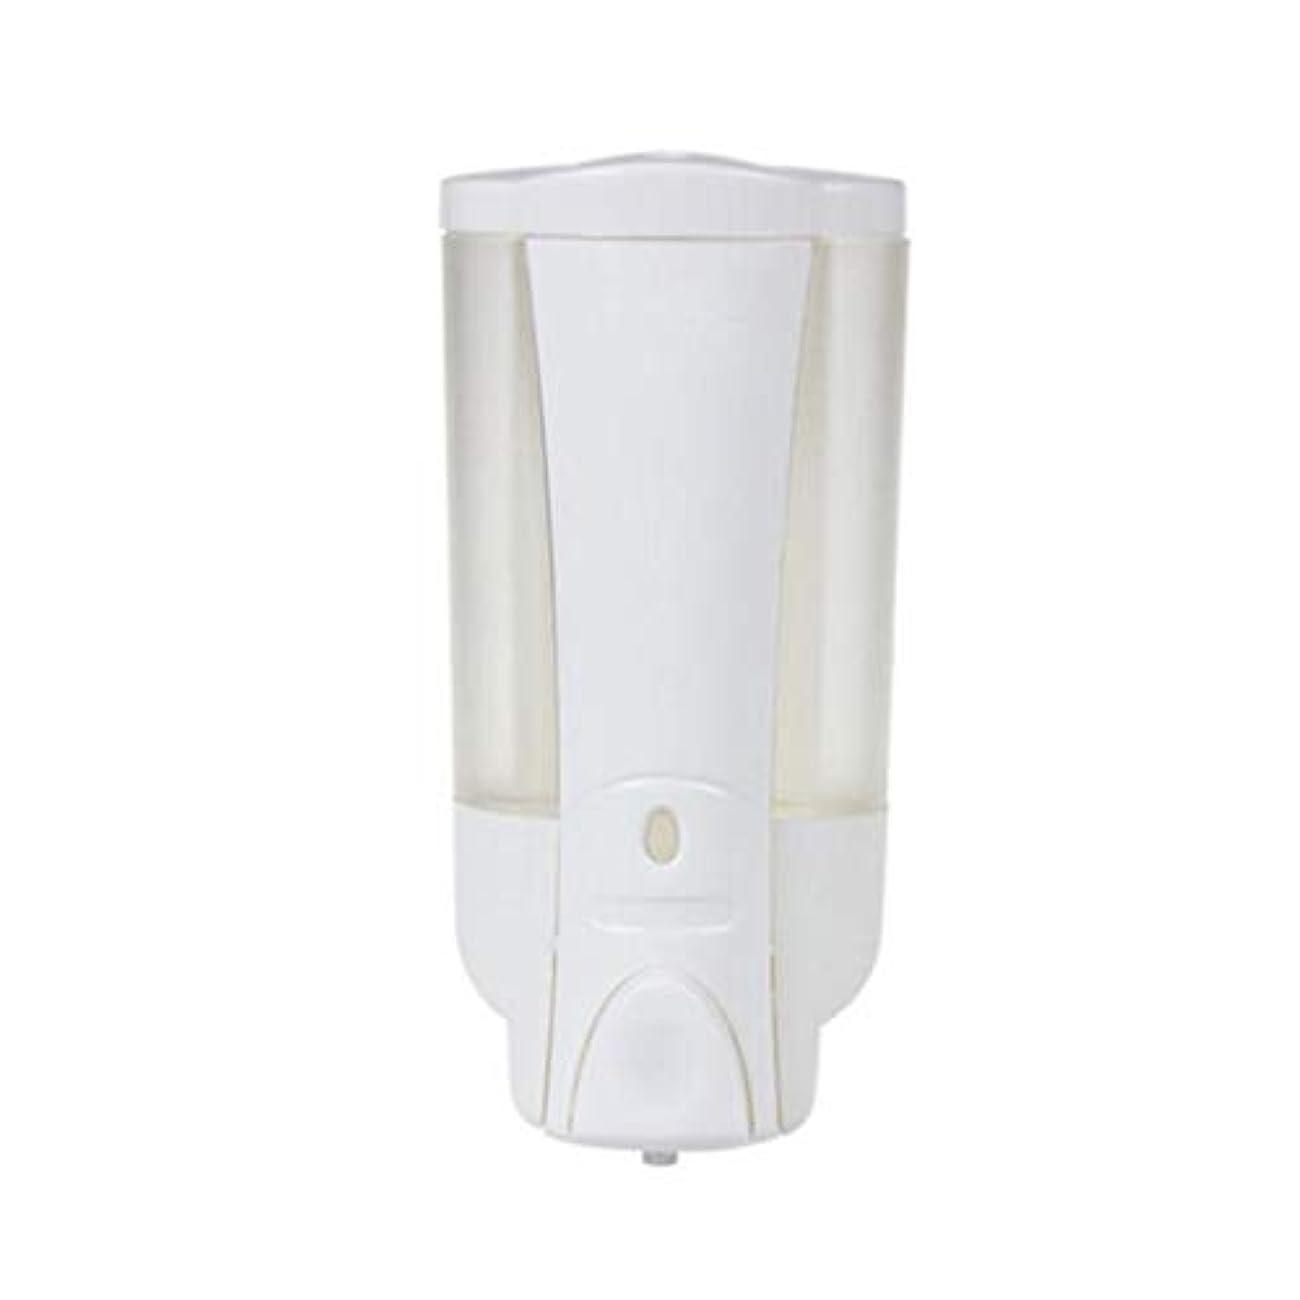 近く叫び声勘違いするKylinssh 泡立つ石鹸ディスペンサー450ml容量、石鹸、DIY液体石鹸、皿石鹸、ボディウォッシュなどに使用するための空のプラスチック液体石鹸ポンプボトル